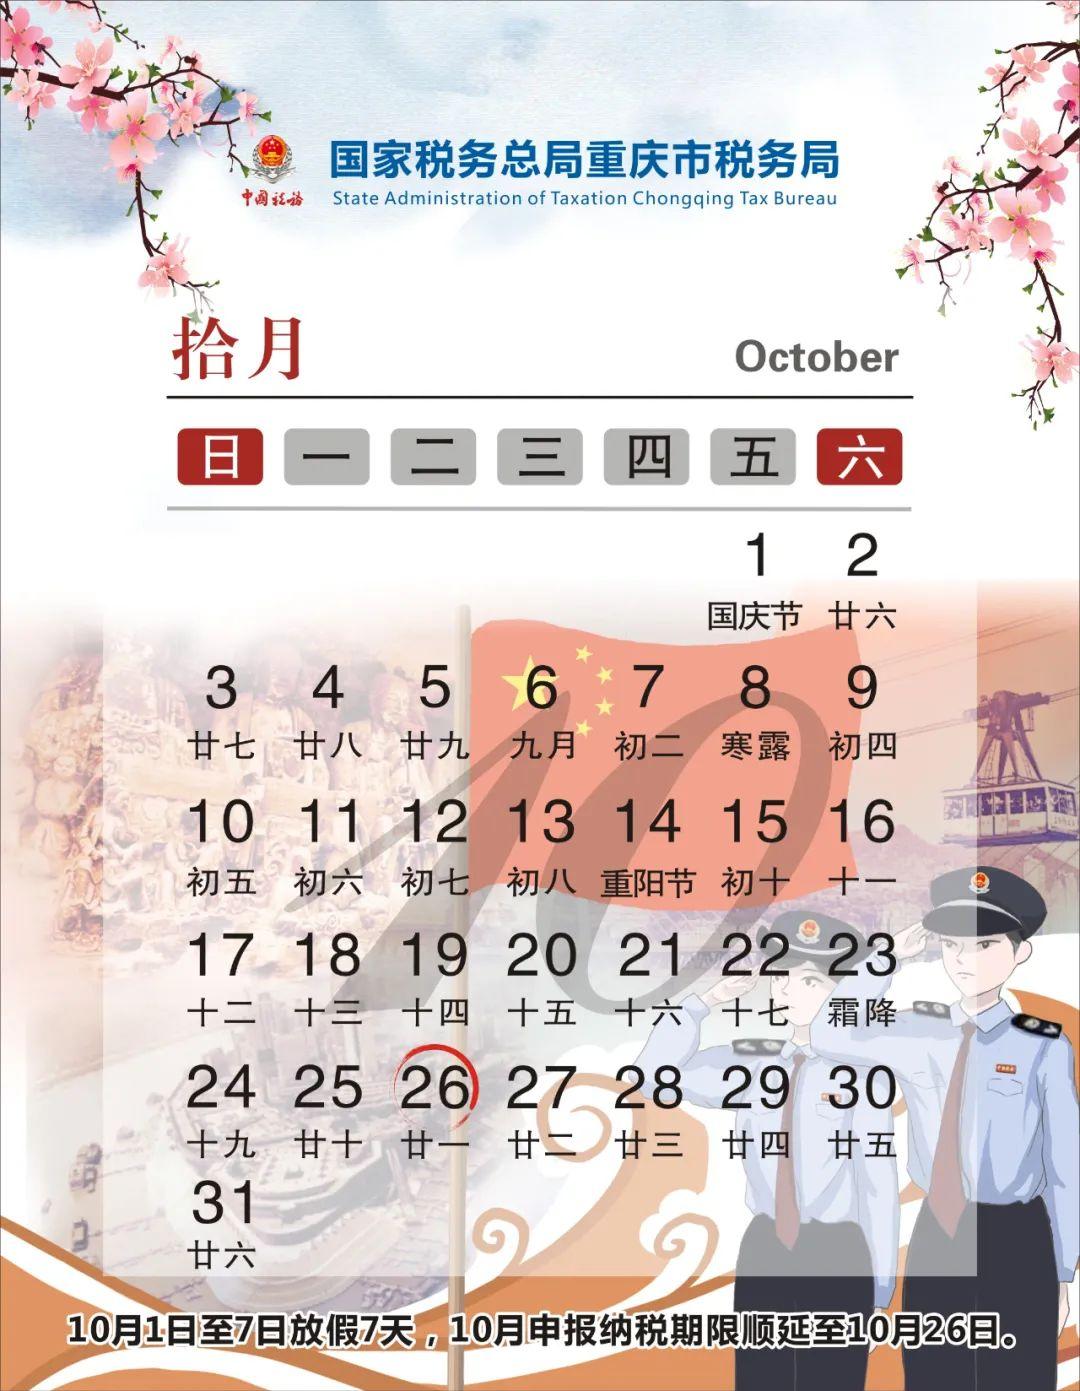 2021年10月纳税申报日历,请注意2021年10月份申报截止日期,请注意报税时间